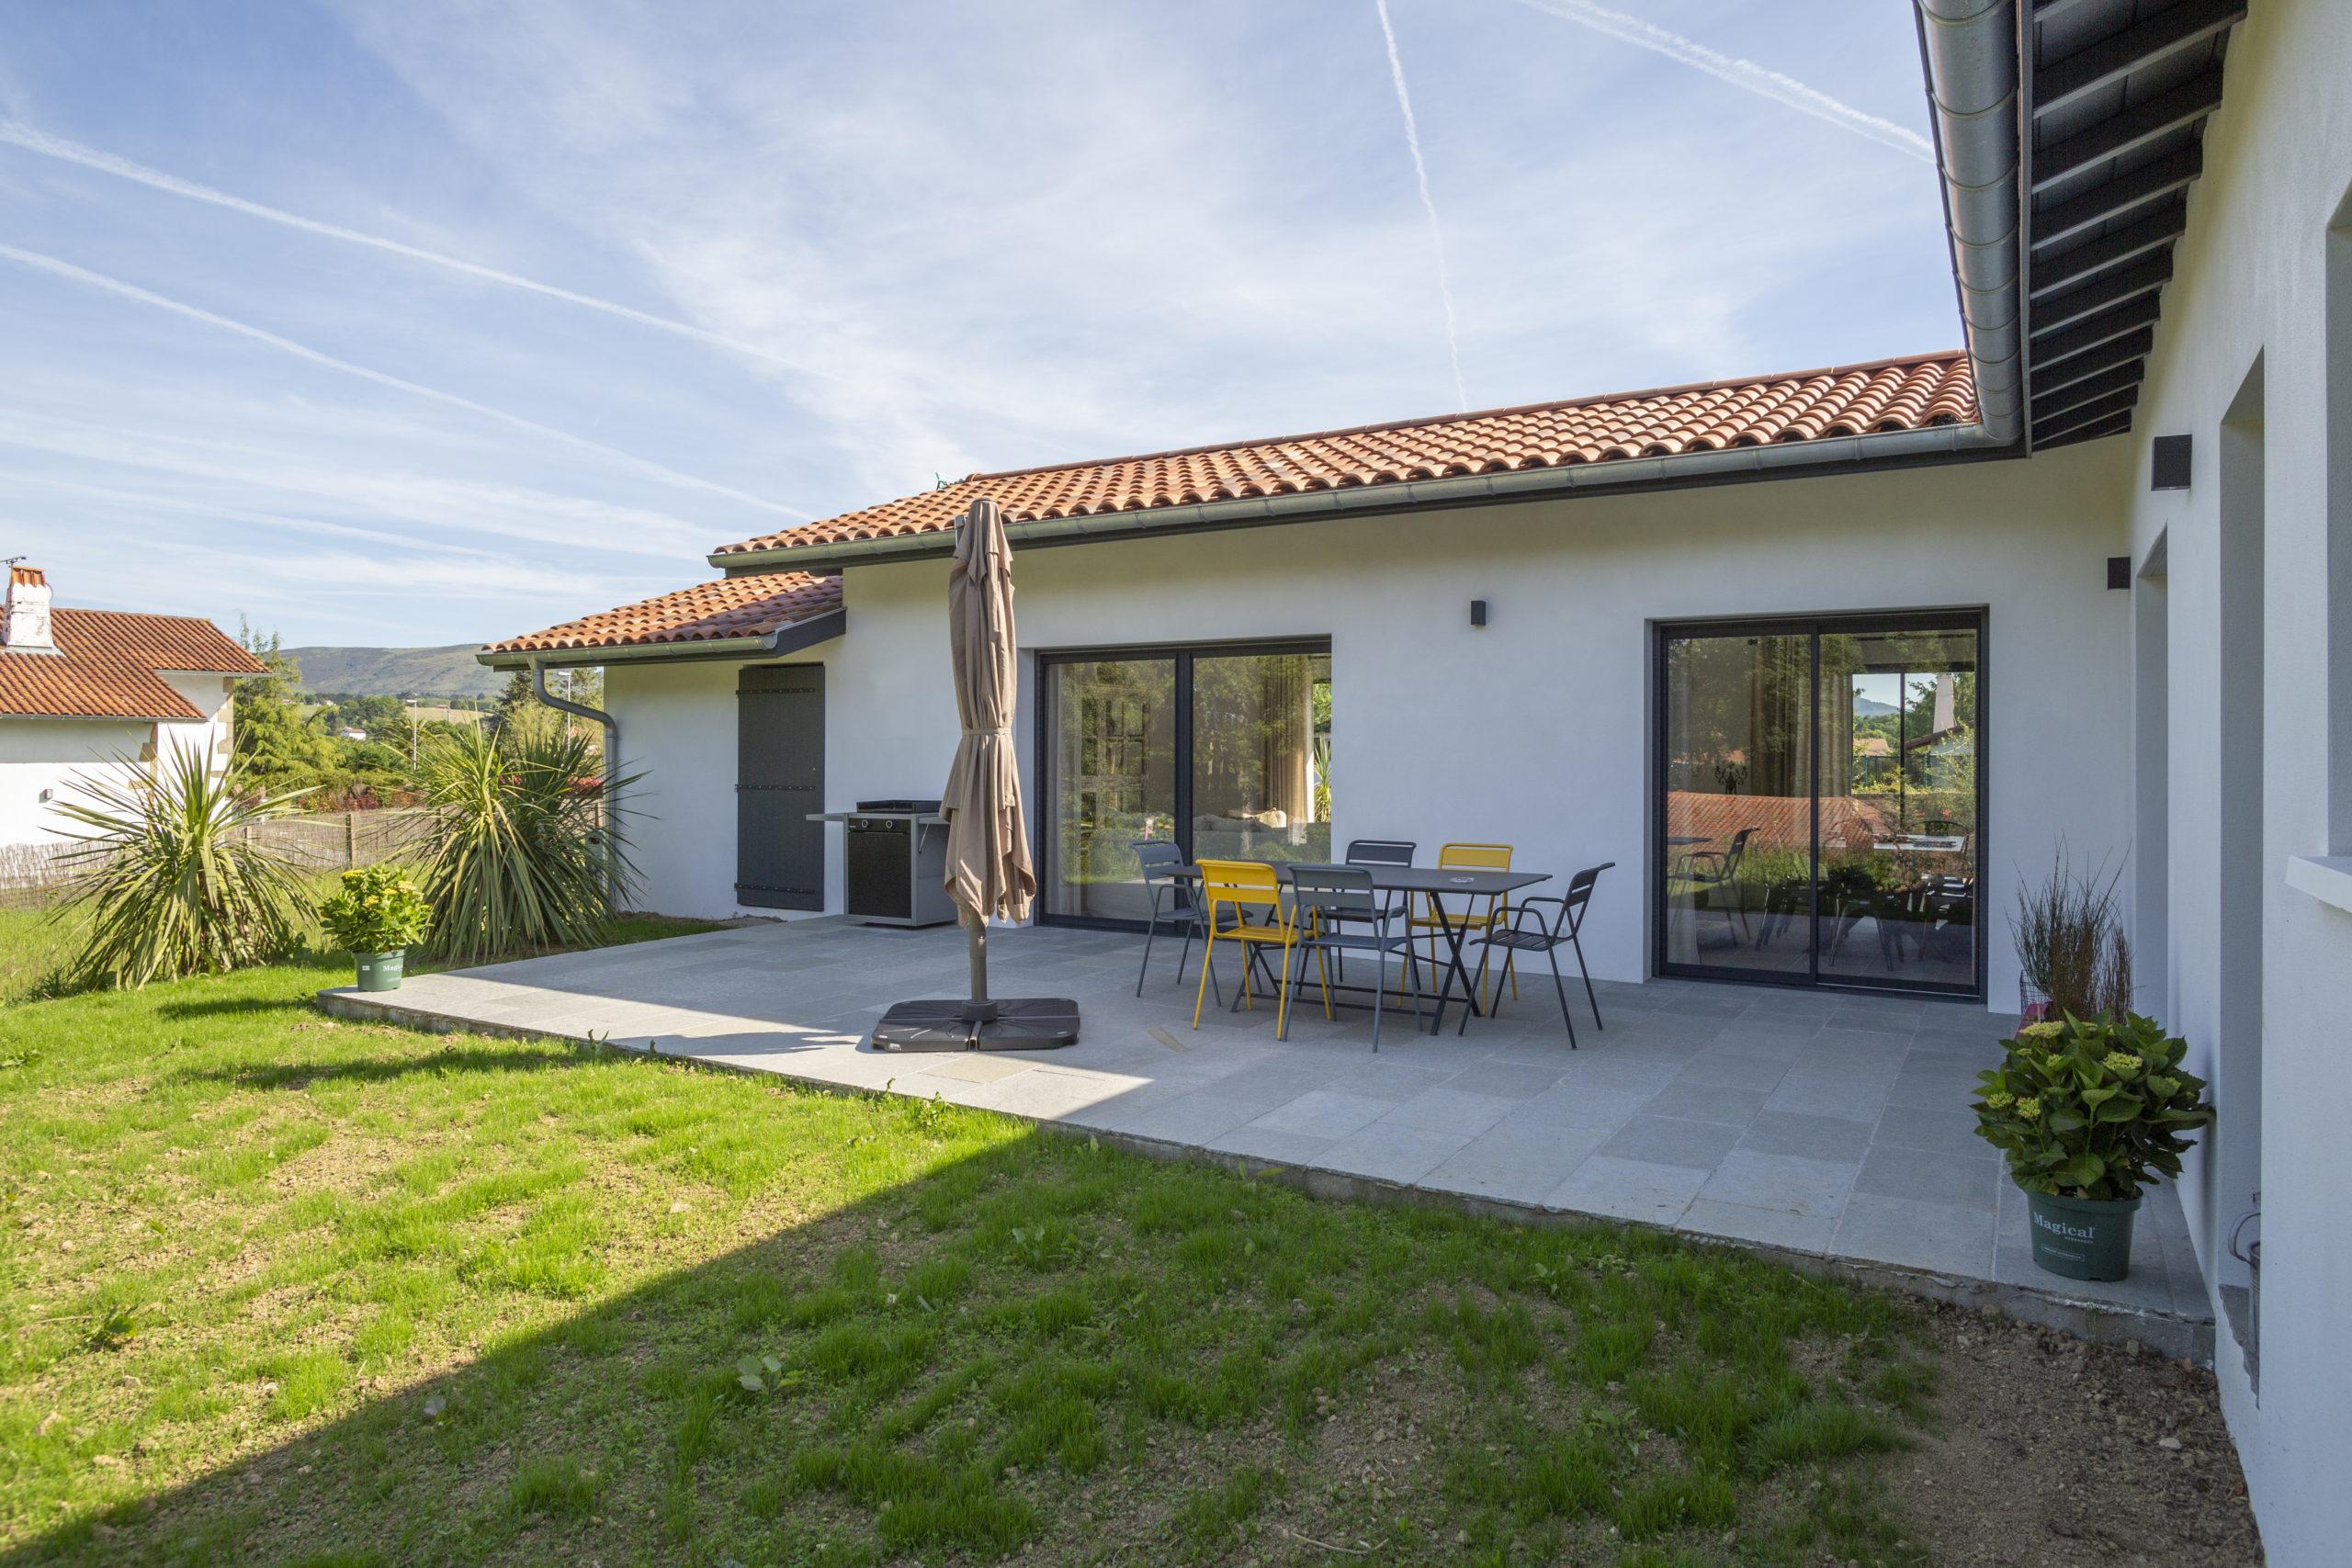 Atelier-Plurielles-Architectures-Construction maison Basque à Hendaye- terrasse 2